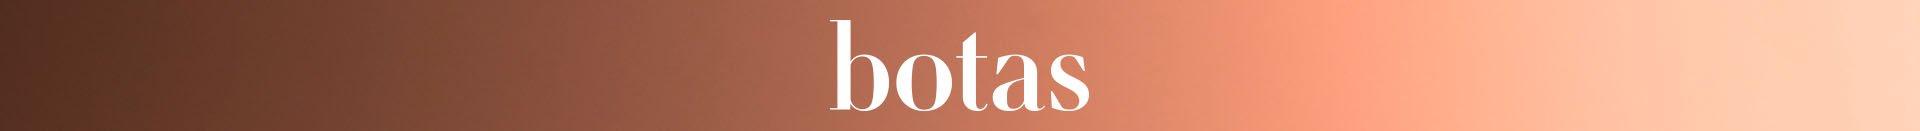 Banners-Botas-categoria-desktop.jpg